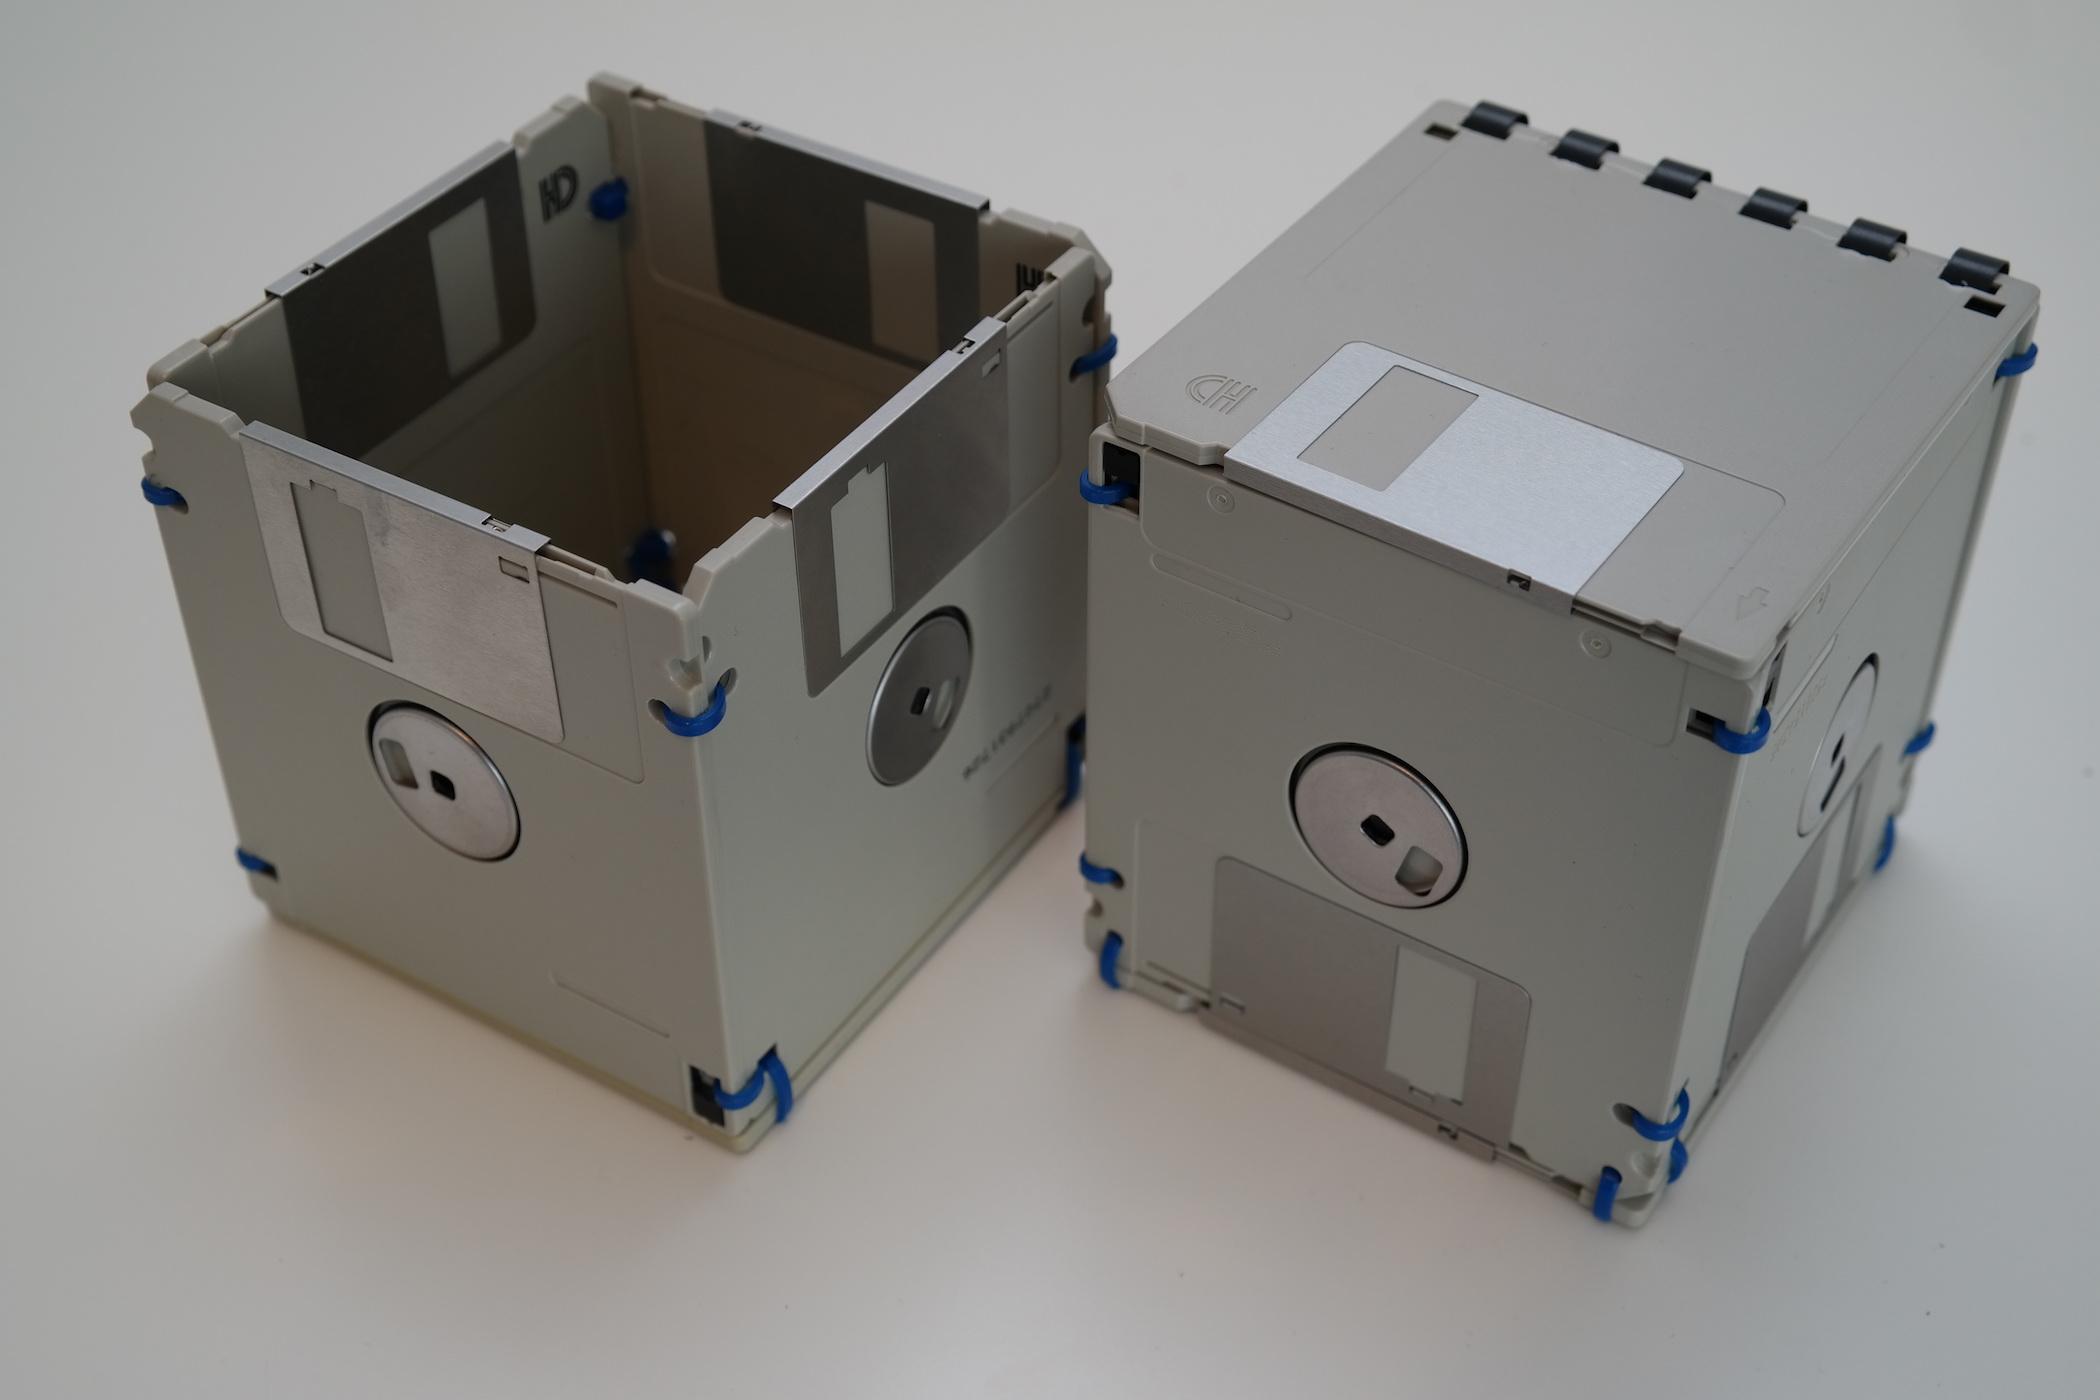 Stifthalter und Box mit Deckel aus Disketten - Beige mit blauen Akzenten